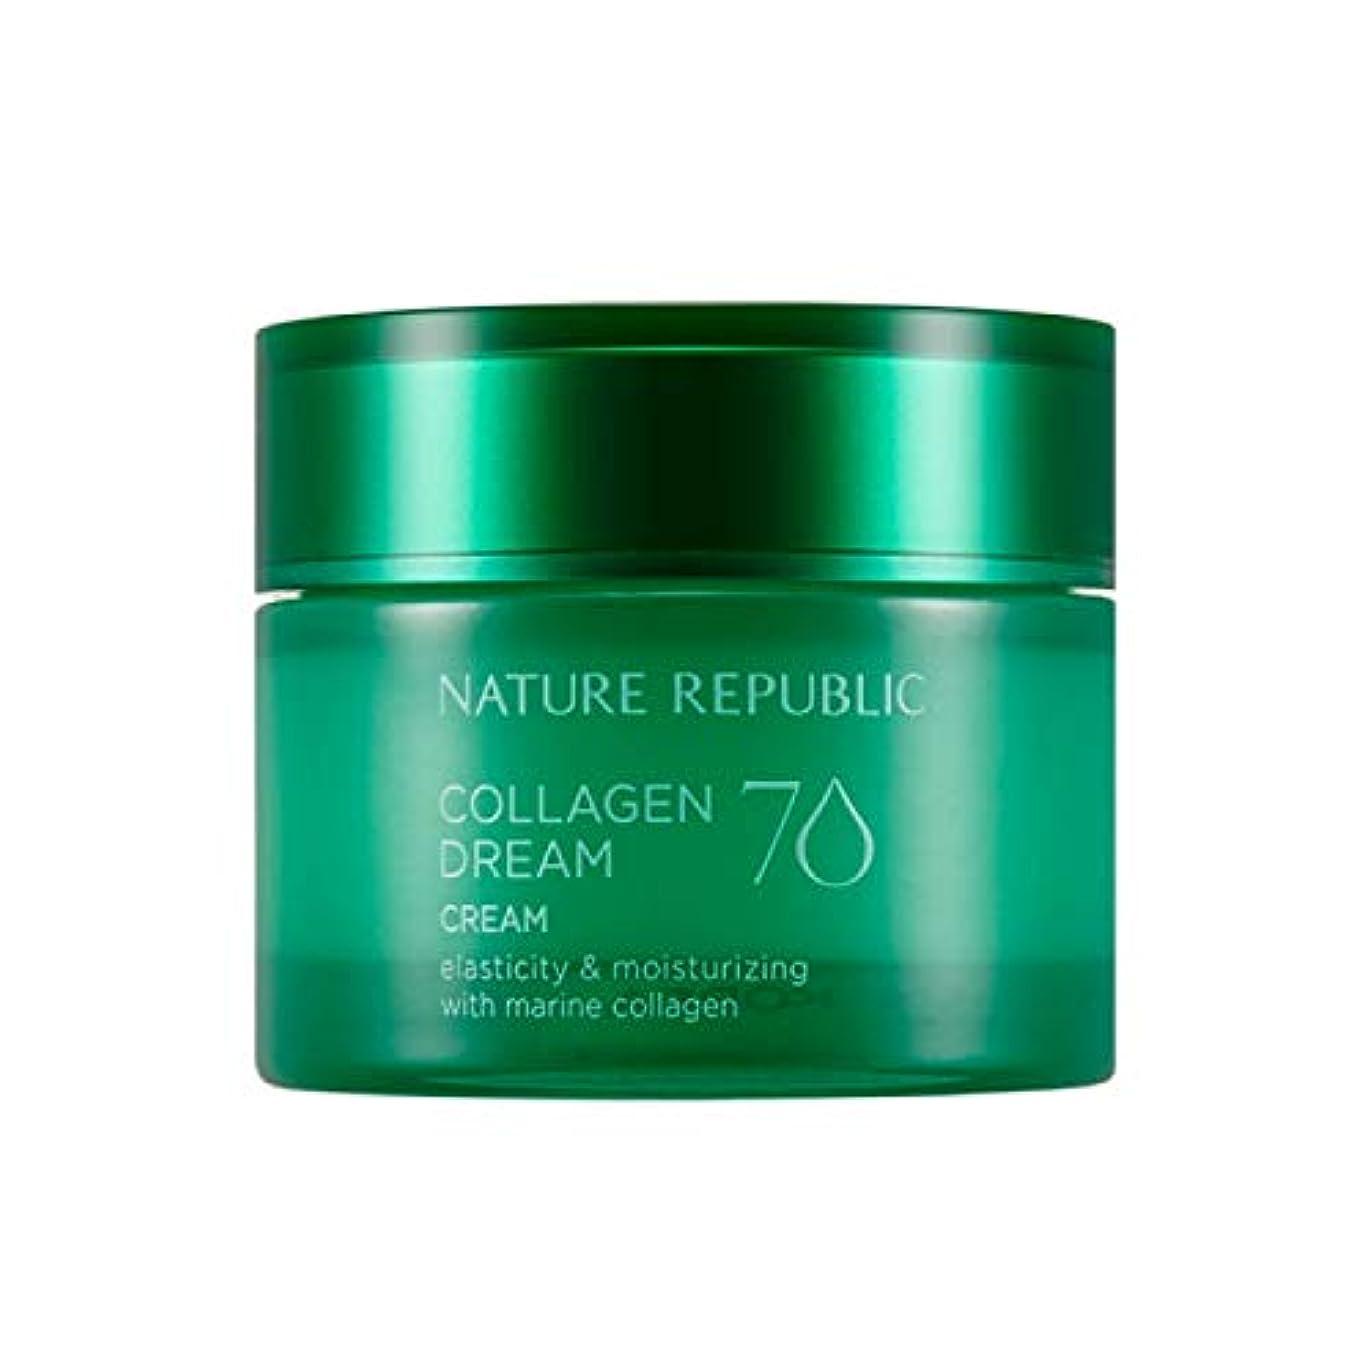 ストレージ疑い想像するネイチャーリパブリック(Nature Republic)コラーゲンドリーム70クリーム 50ml / Collagen Dream 70 Cream 50ml :: 韓国コスメ [並行輸入品]